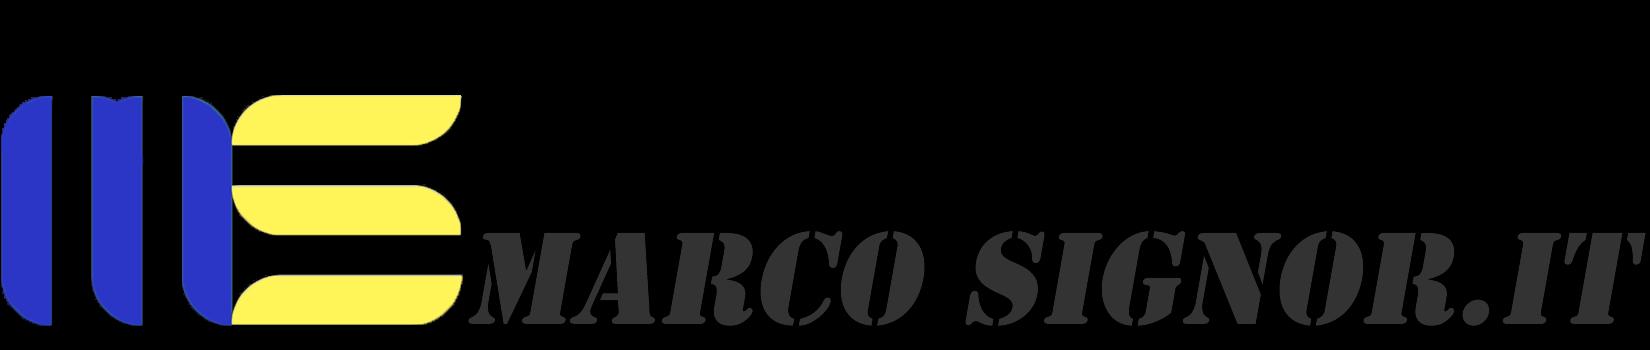 Marco Signor